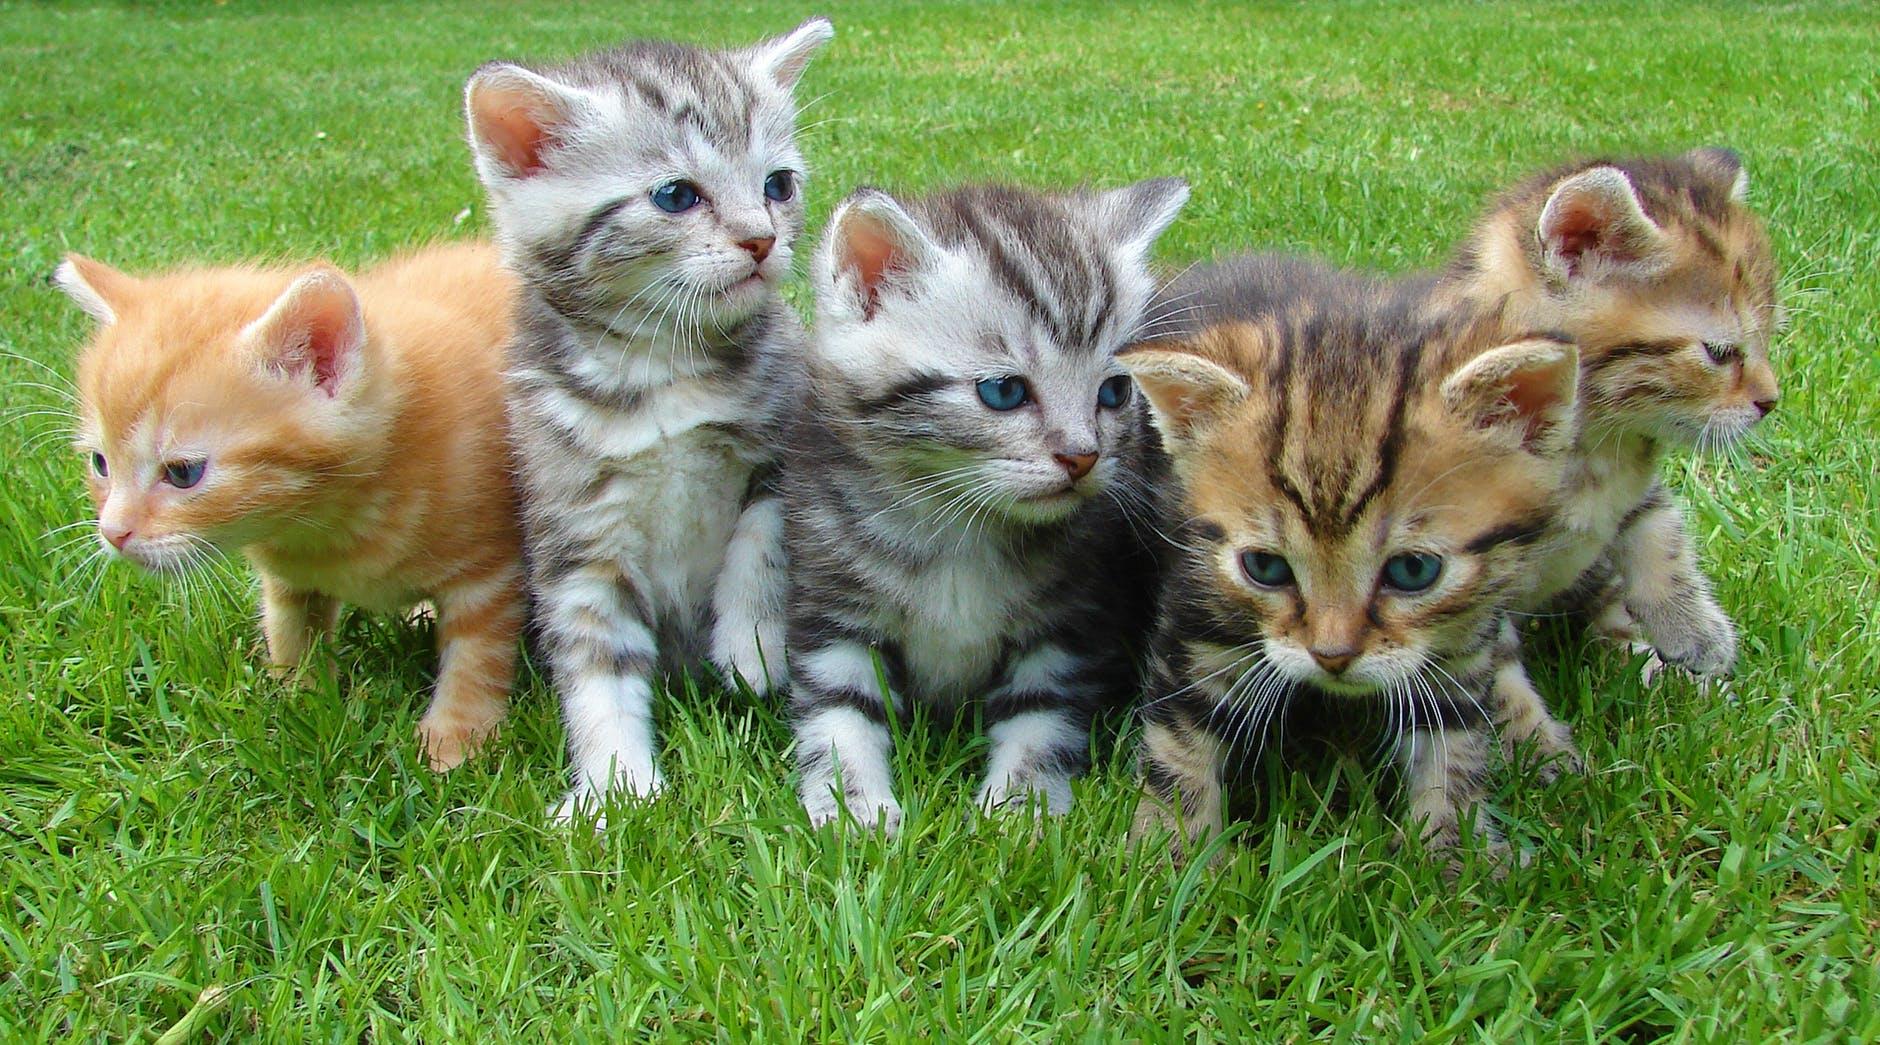 Flera kattungar i gräs